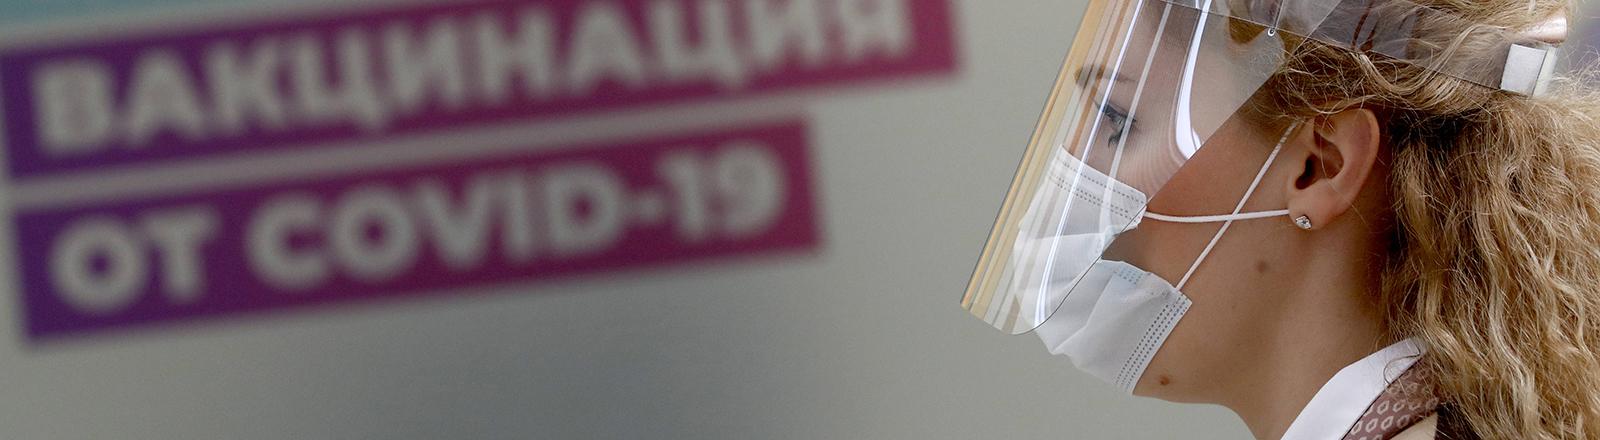 In einem Corona-Impfzentrum in Moskau steht eine Frau mit Mund-Nase-Schutz plus transparenten Gesichtsvisier (07.04.2021)